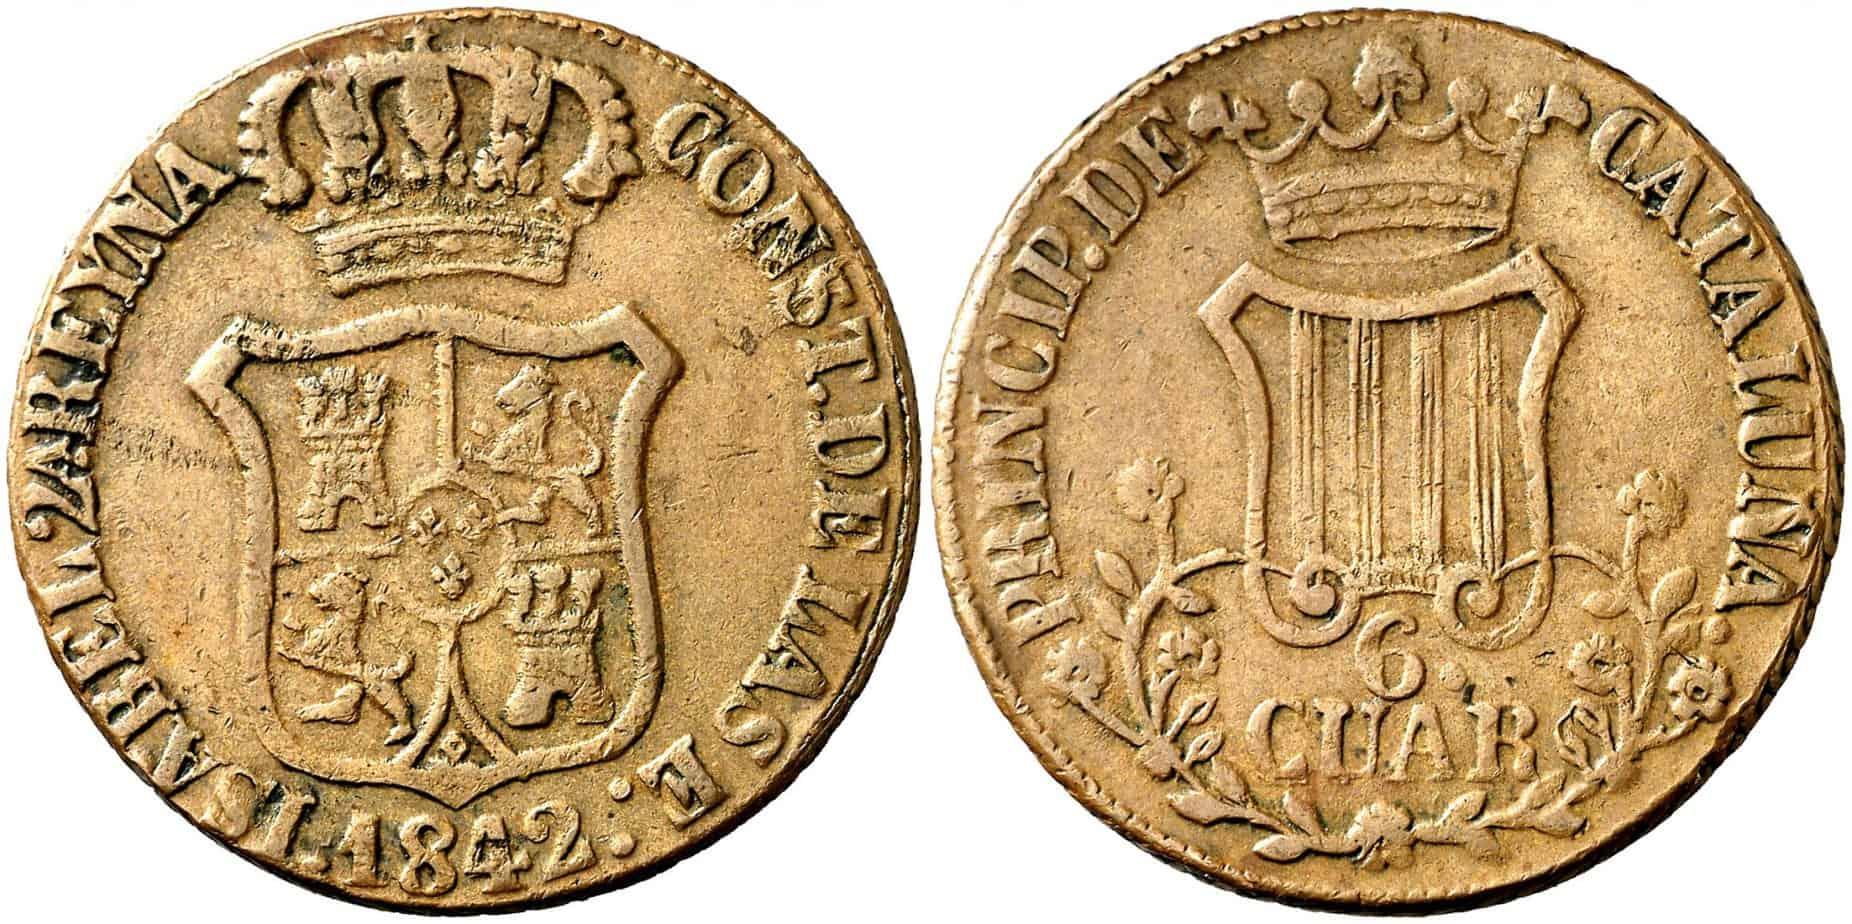 6 cuartos 1842